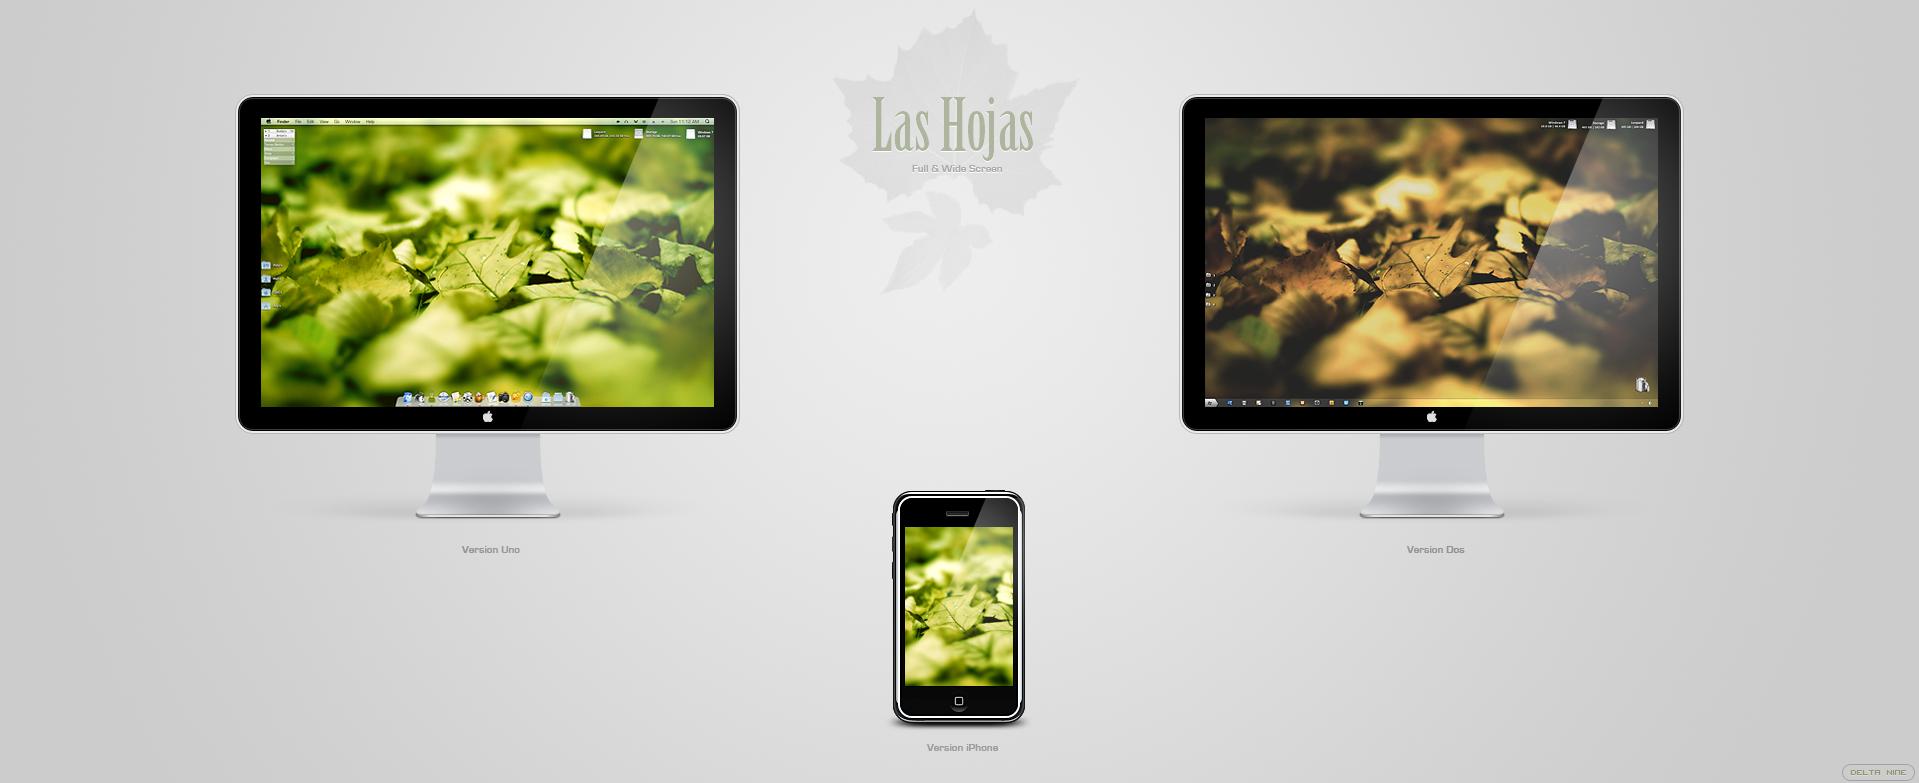 Las Hojas by Delta909